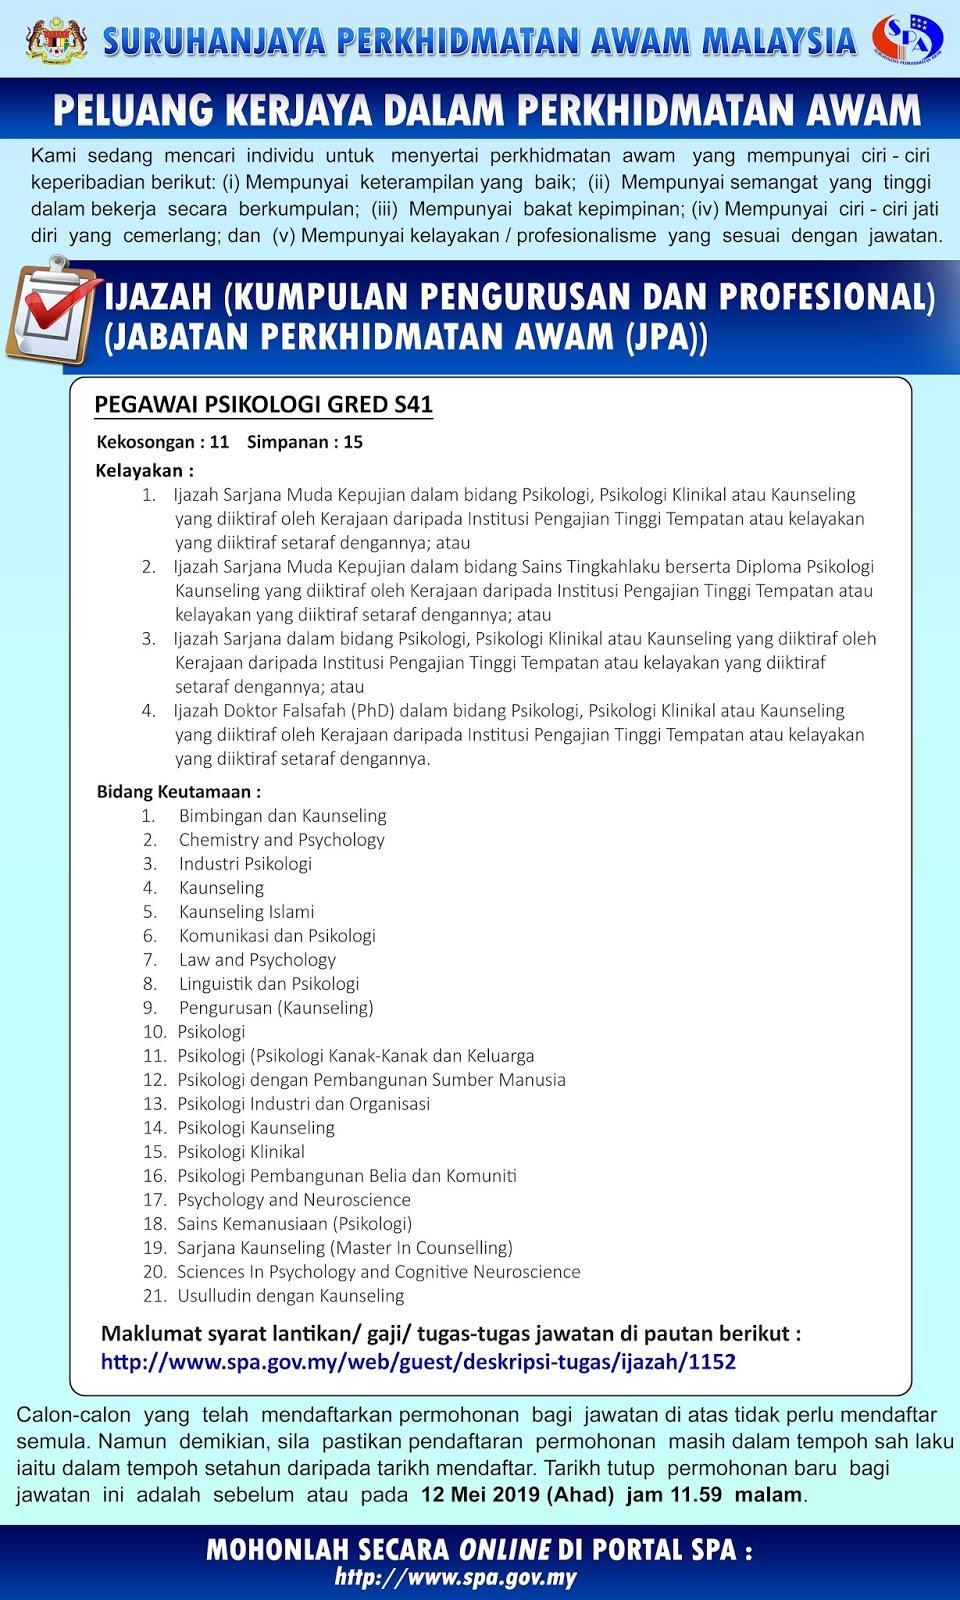 Peluang Kerjaya Dalam Perkhidmatan Awam Jabatan Perkhidmatan Awam Jpa Ejobskini Com Portal Jawatan Kosong Kerajaan Dan Swasta